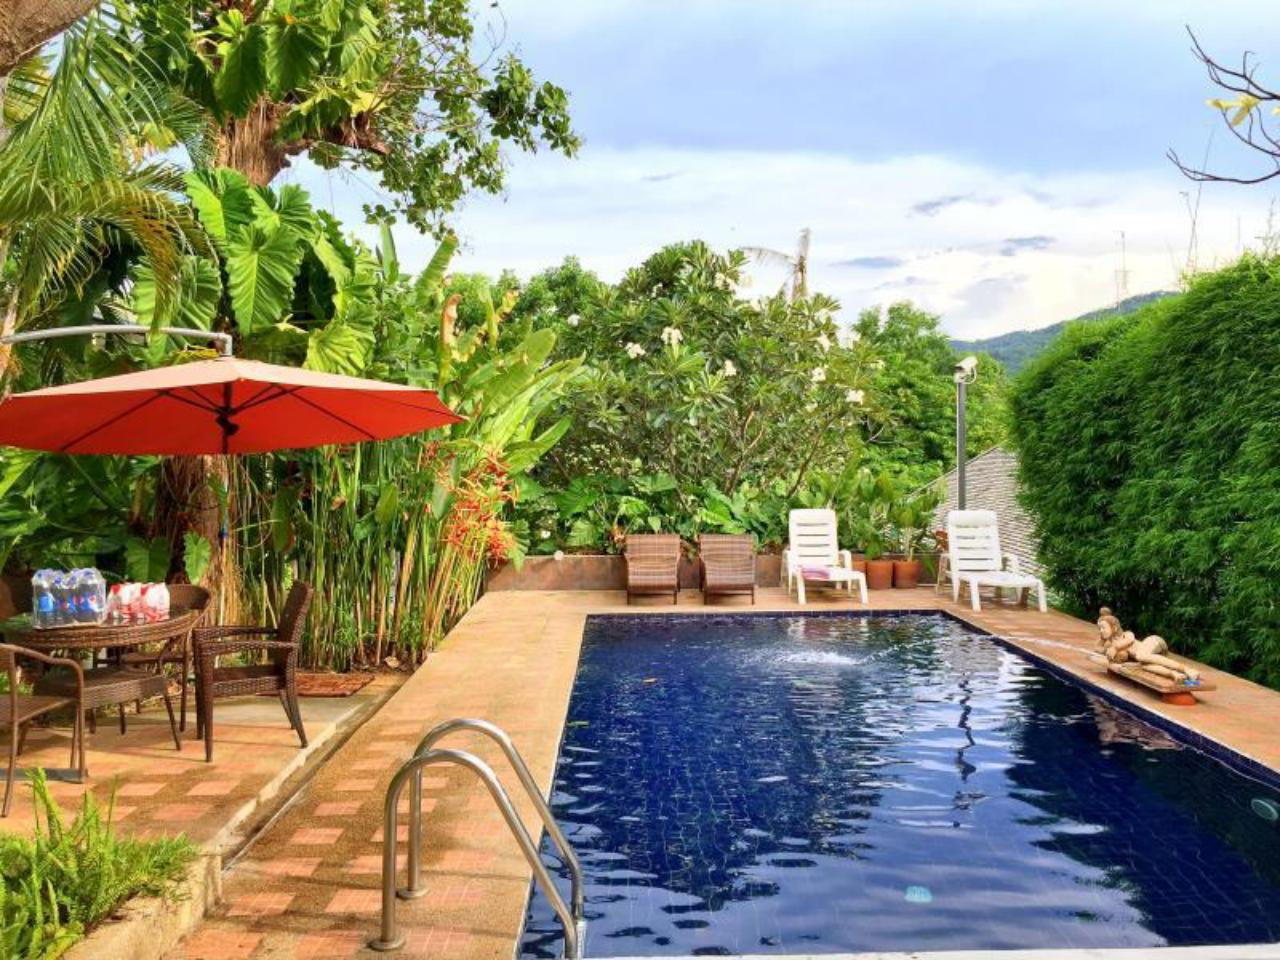 ภูเทวัญ รีสอร์ท แอนด์สปา (Phutaewan Resort and Spa)